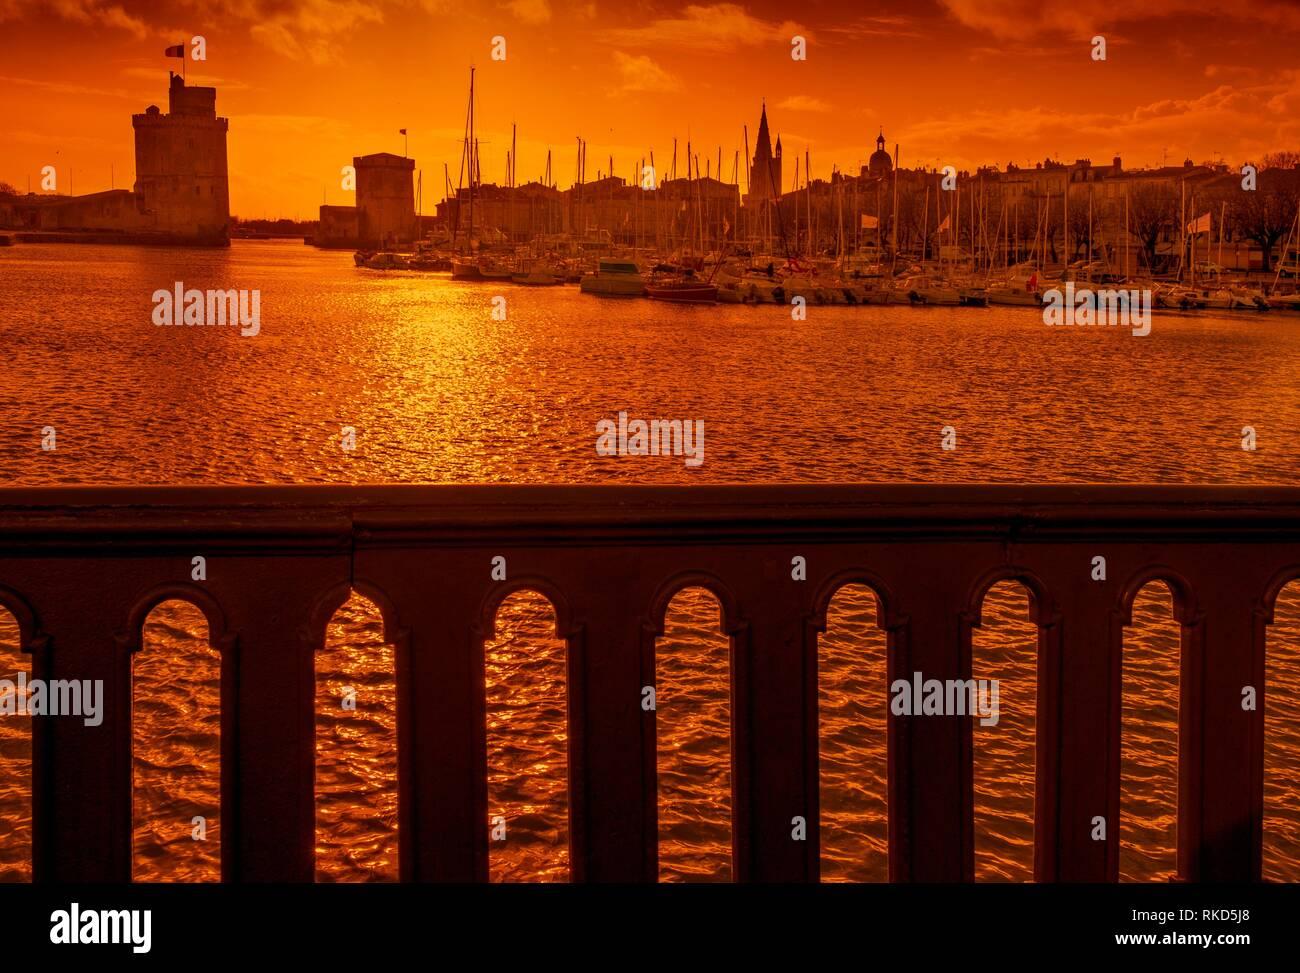 France, Nouvelle Aquitaine, Charente Maritime, Vieux Port at La Rochelle, at sunset - Stock Image